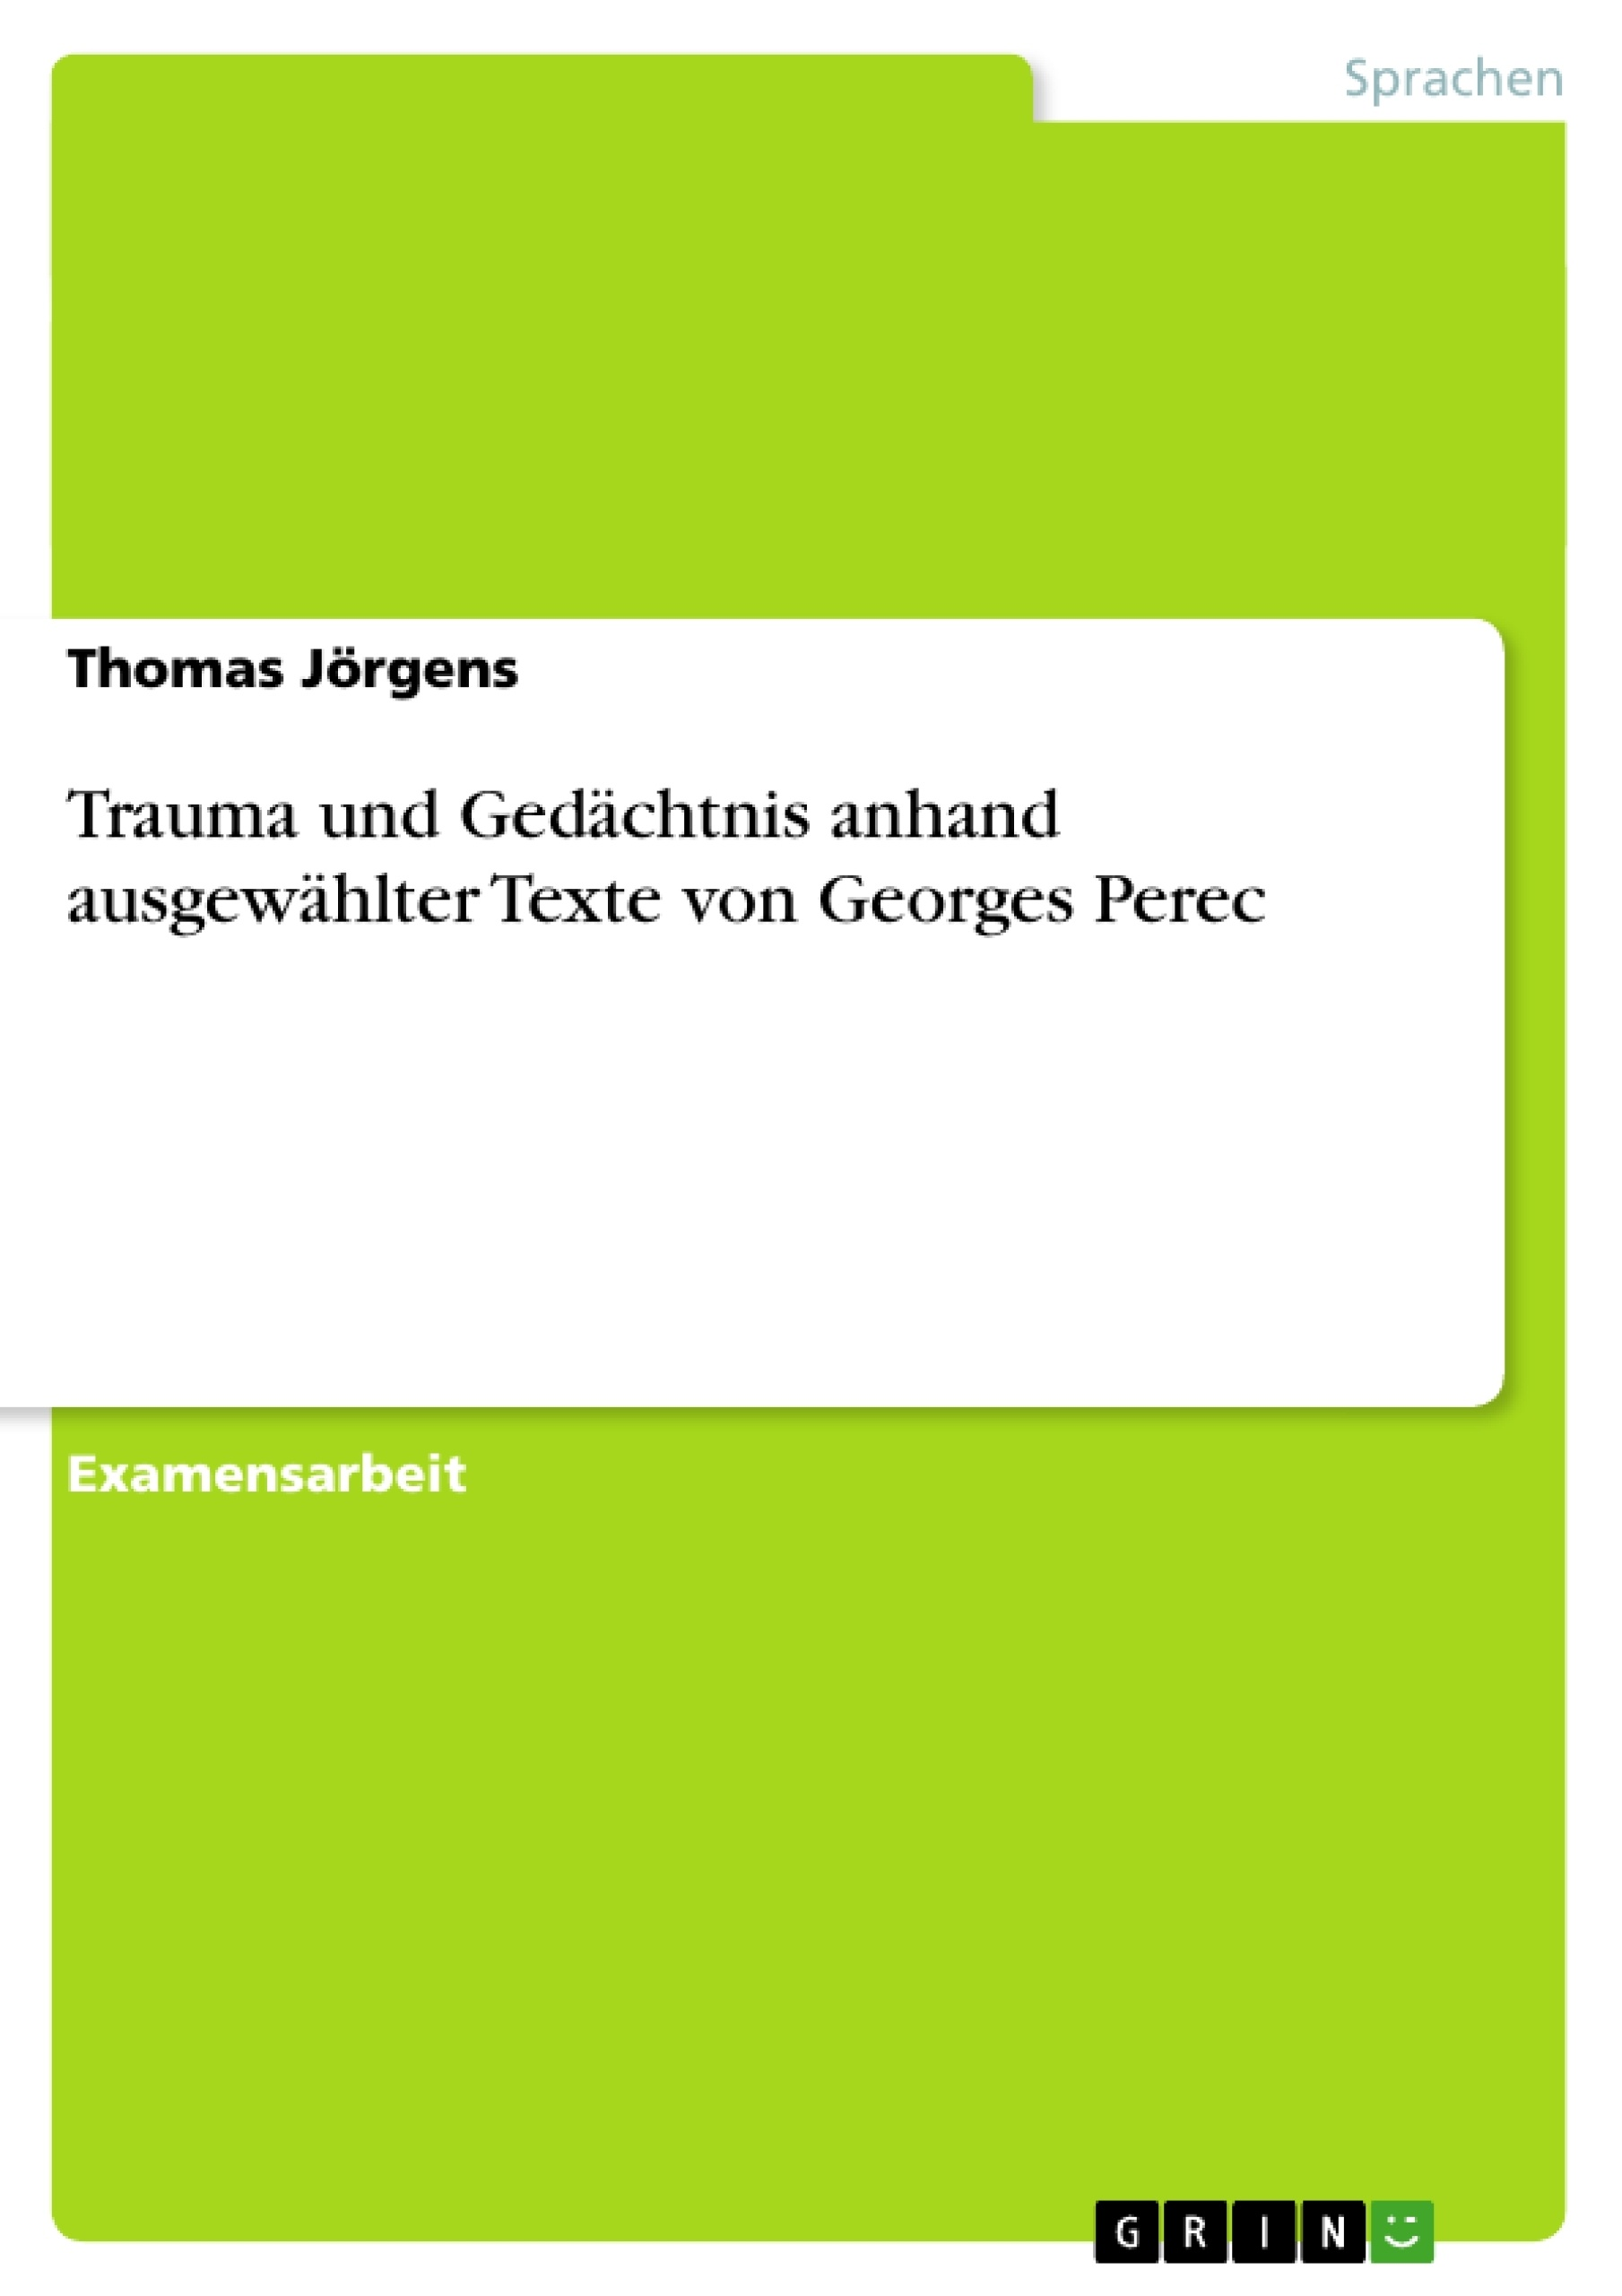 Titel: Trauma und Gedächtnis anhand ausgewählter Texte von Georges Perec